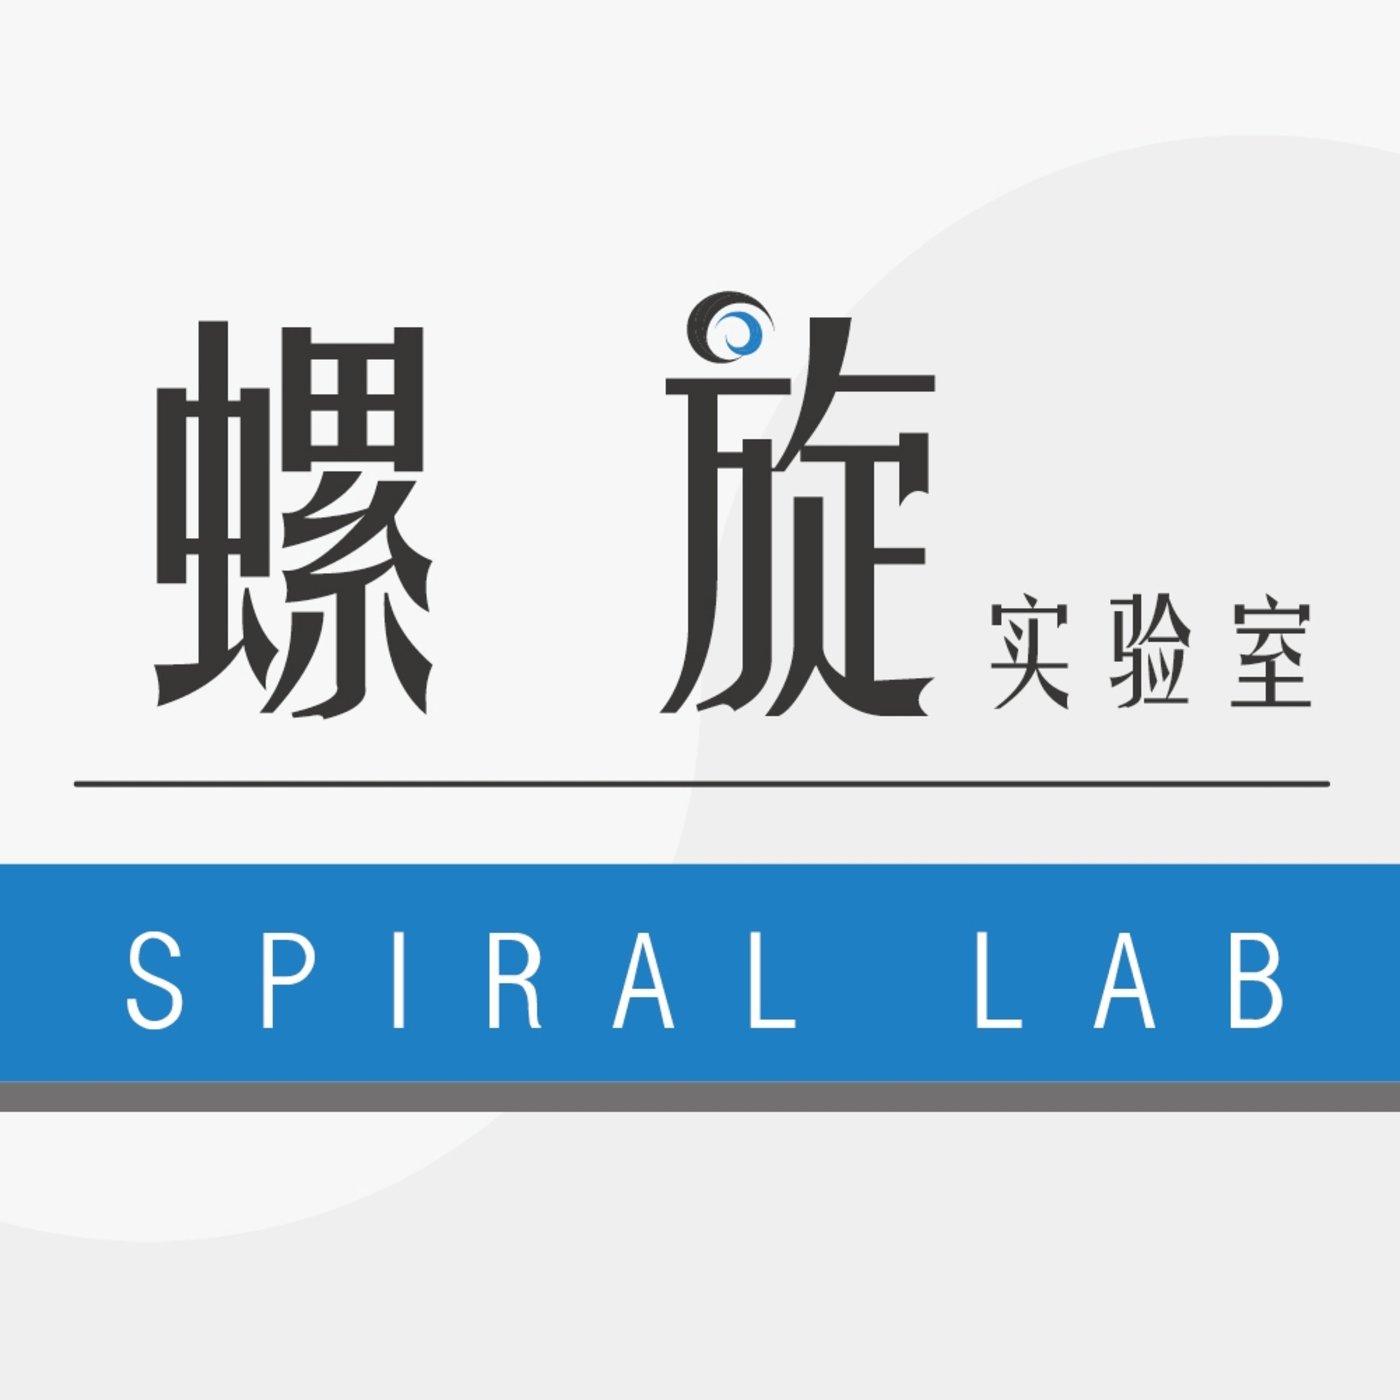 螺旋实验室